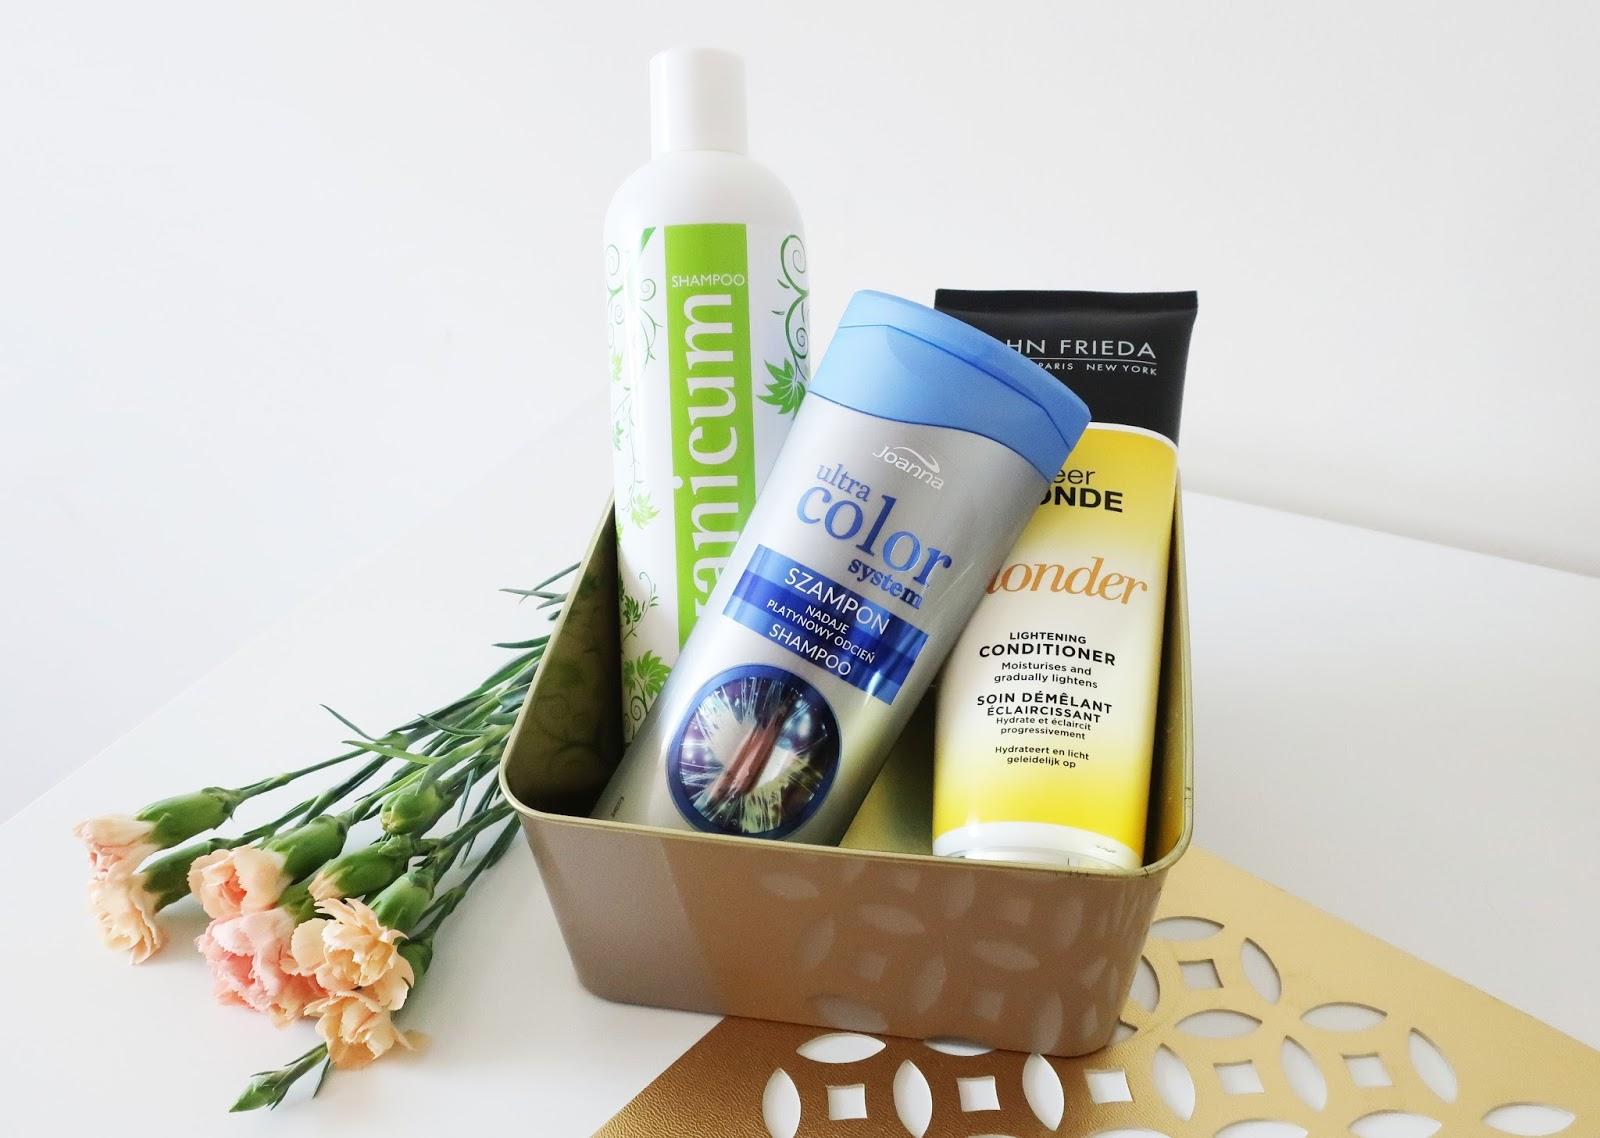 szampony do włosów oczyszczające skórę głowy